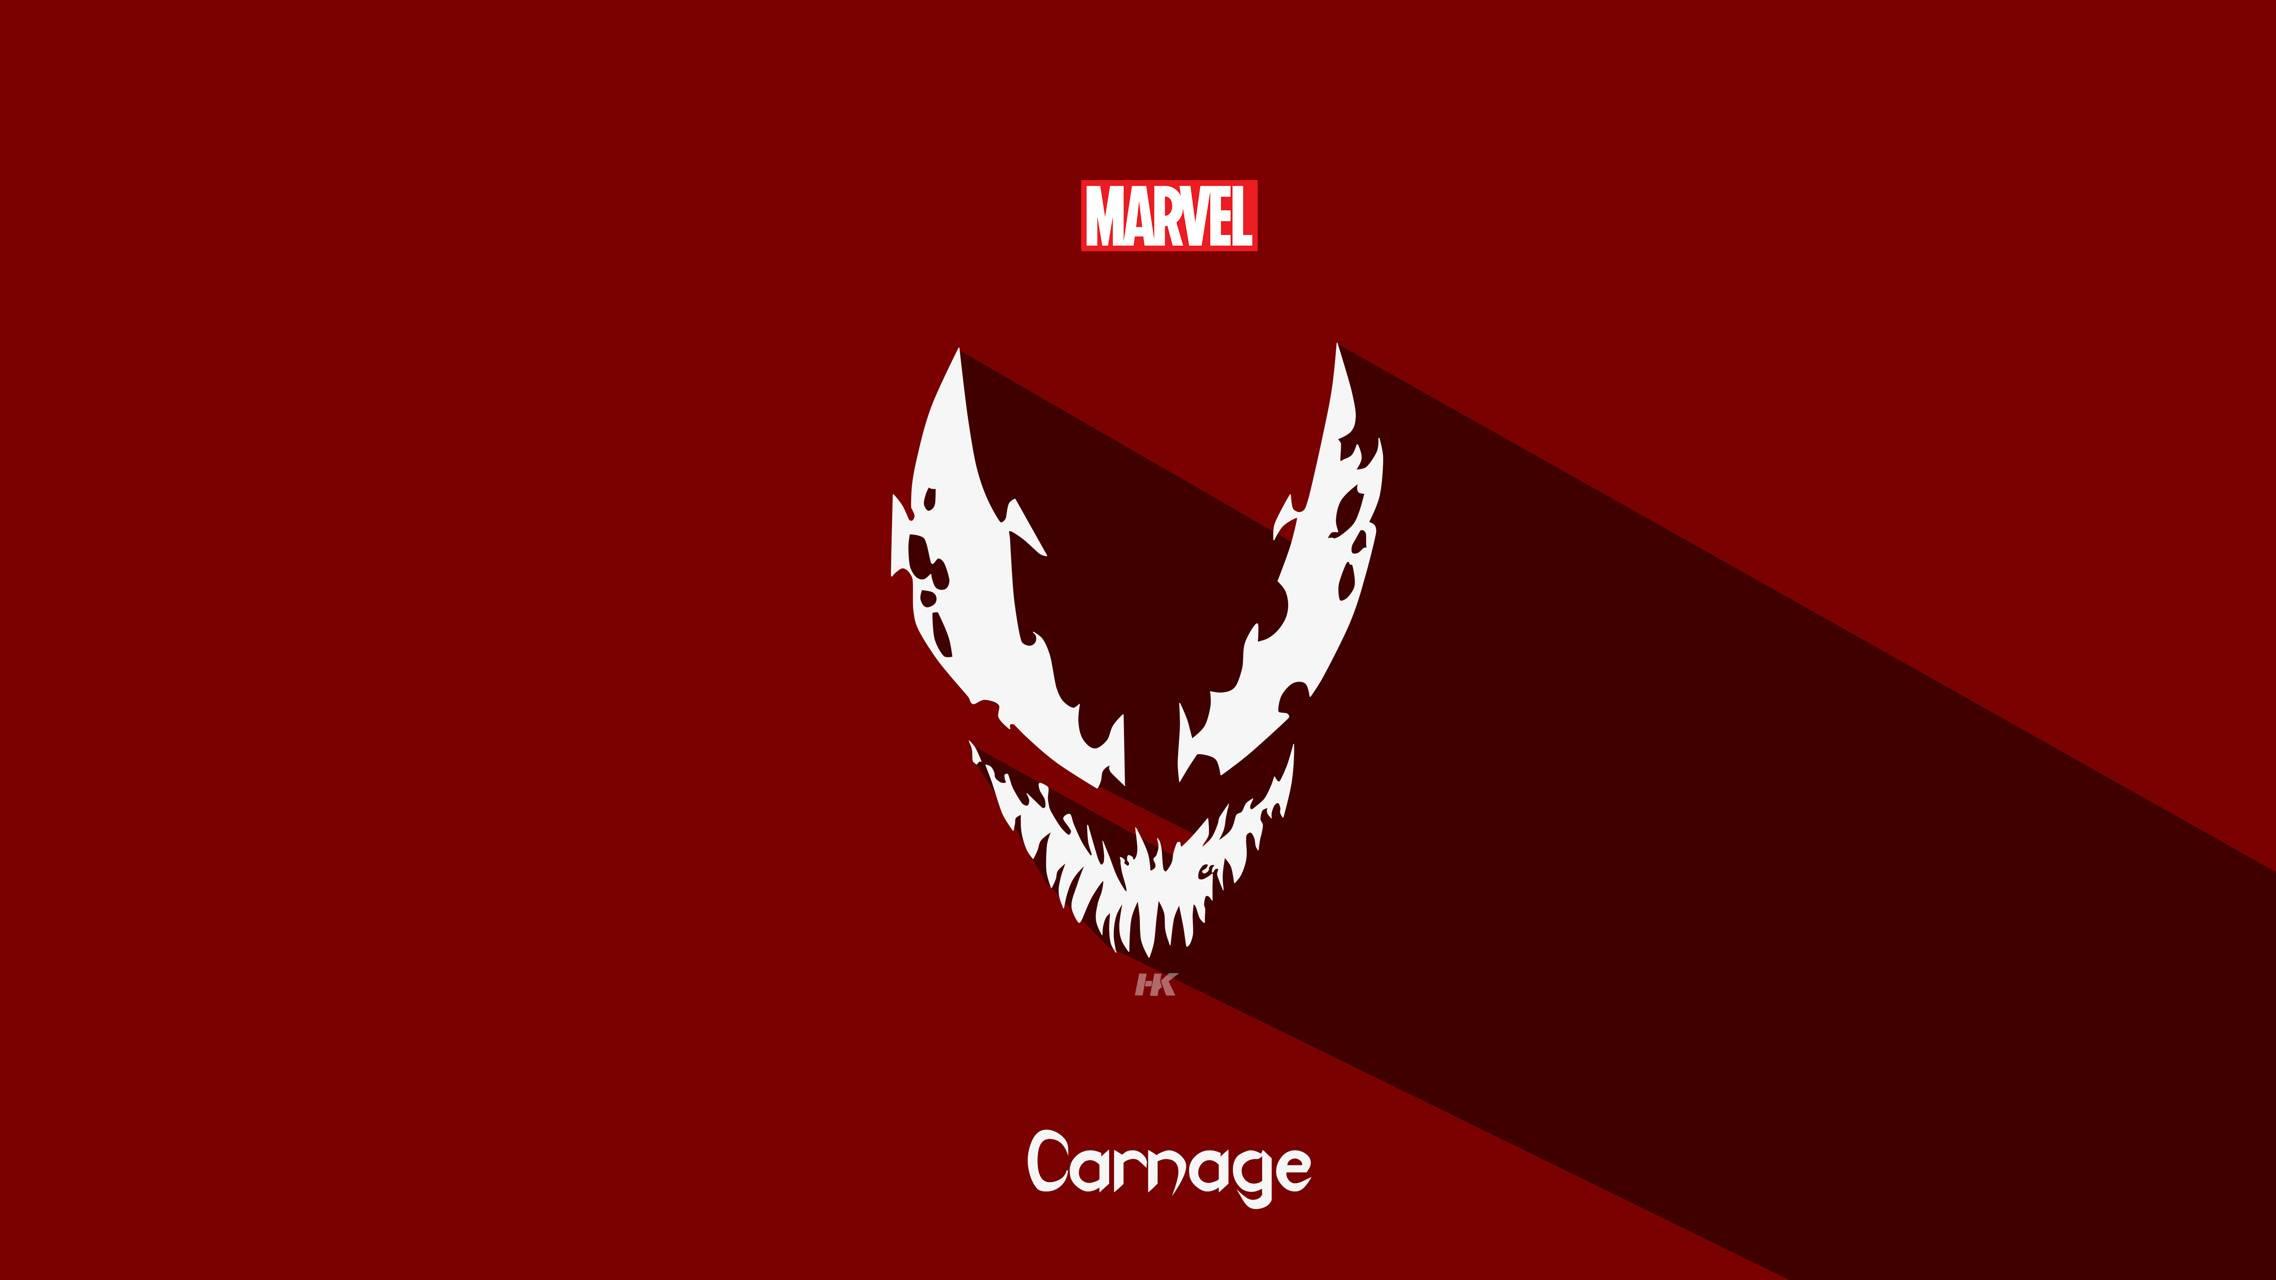 Marvel Carnage